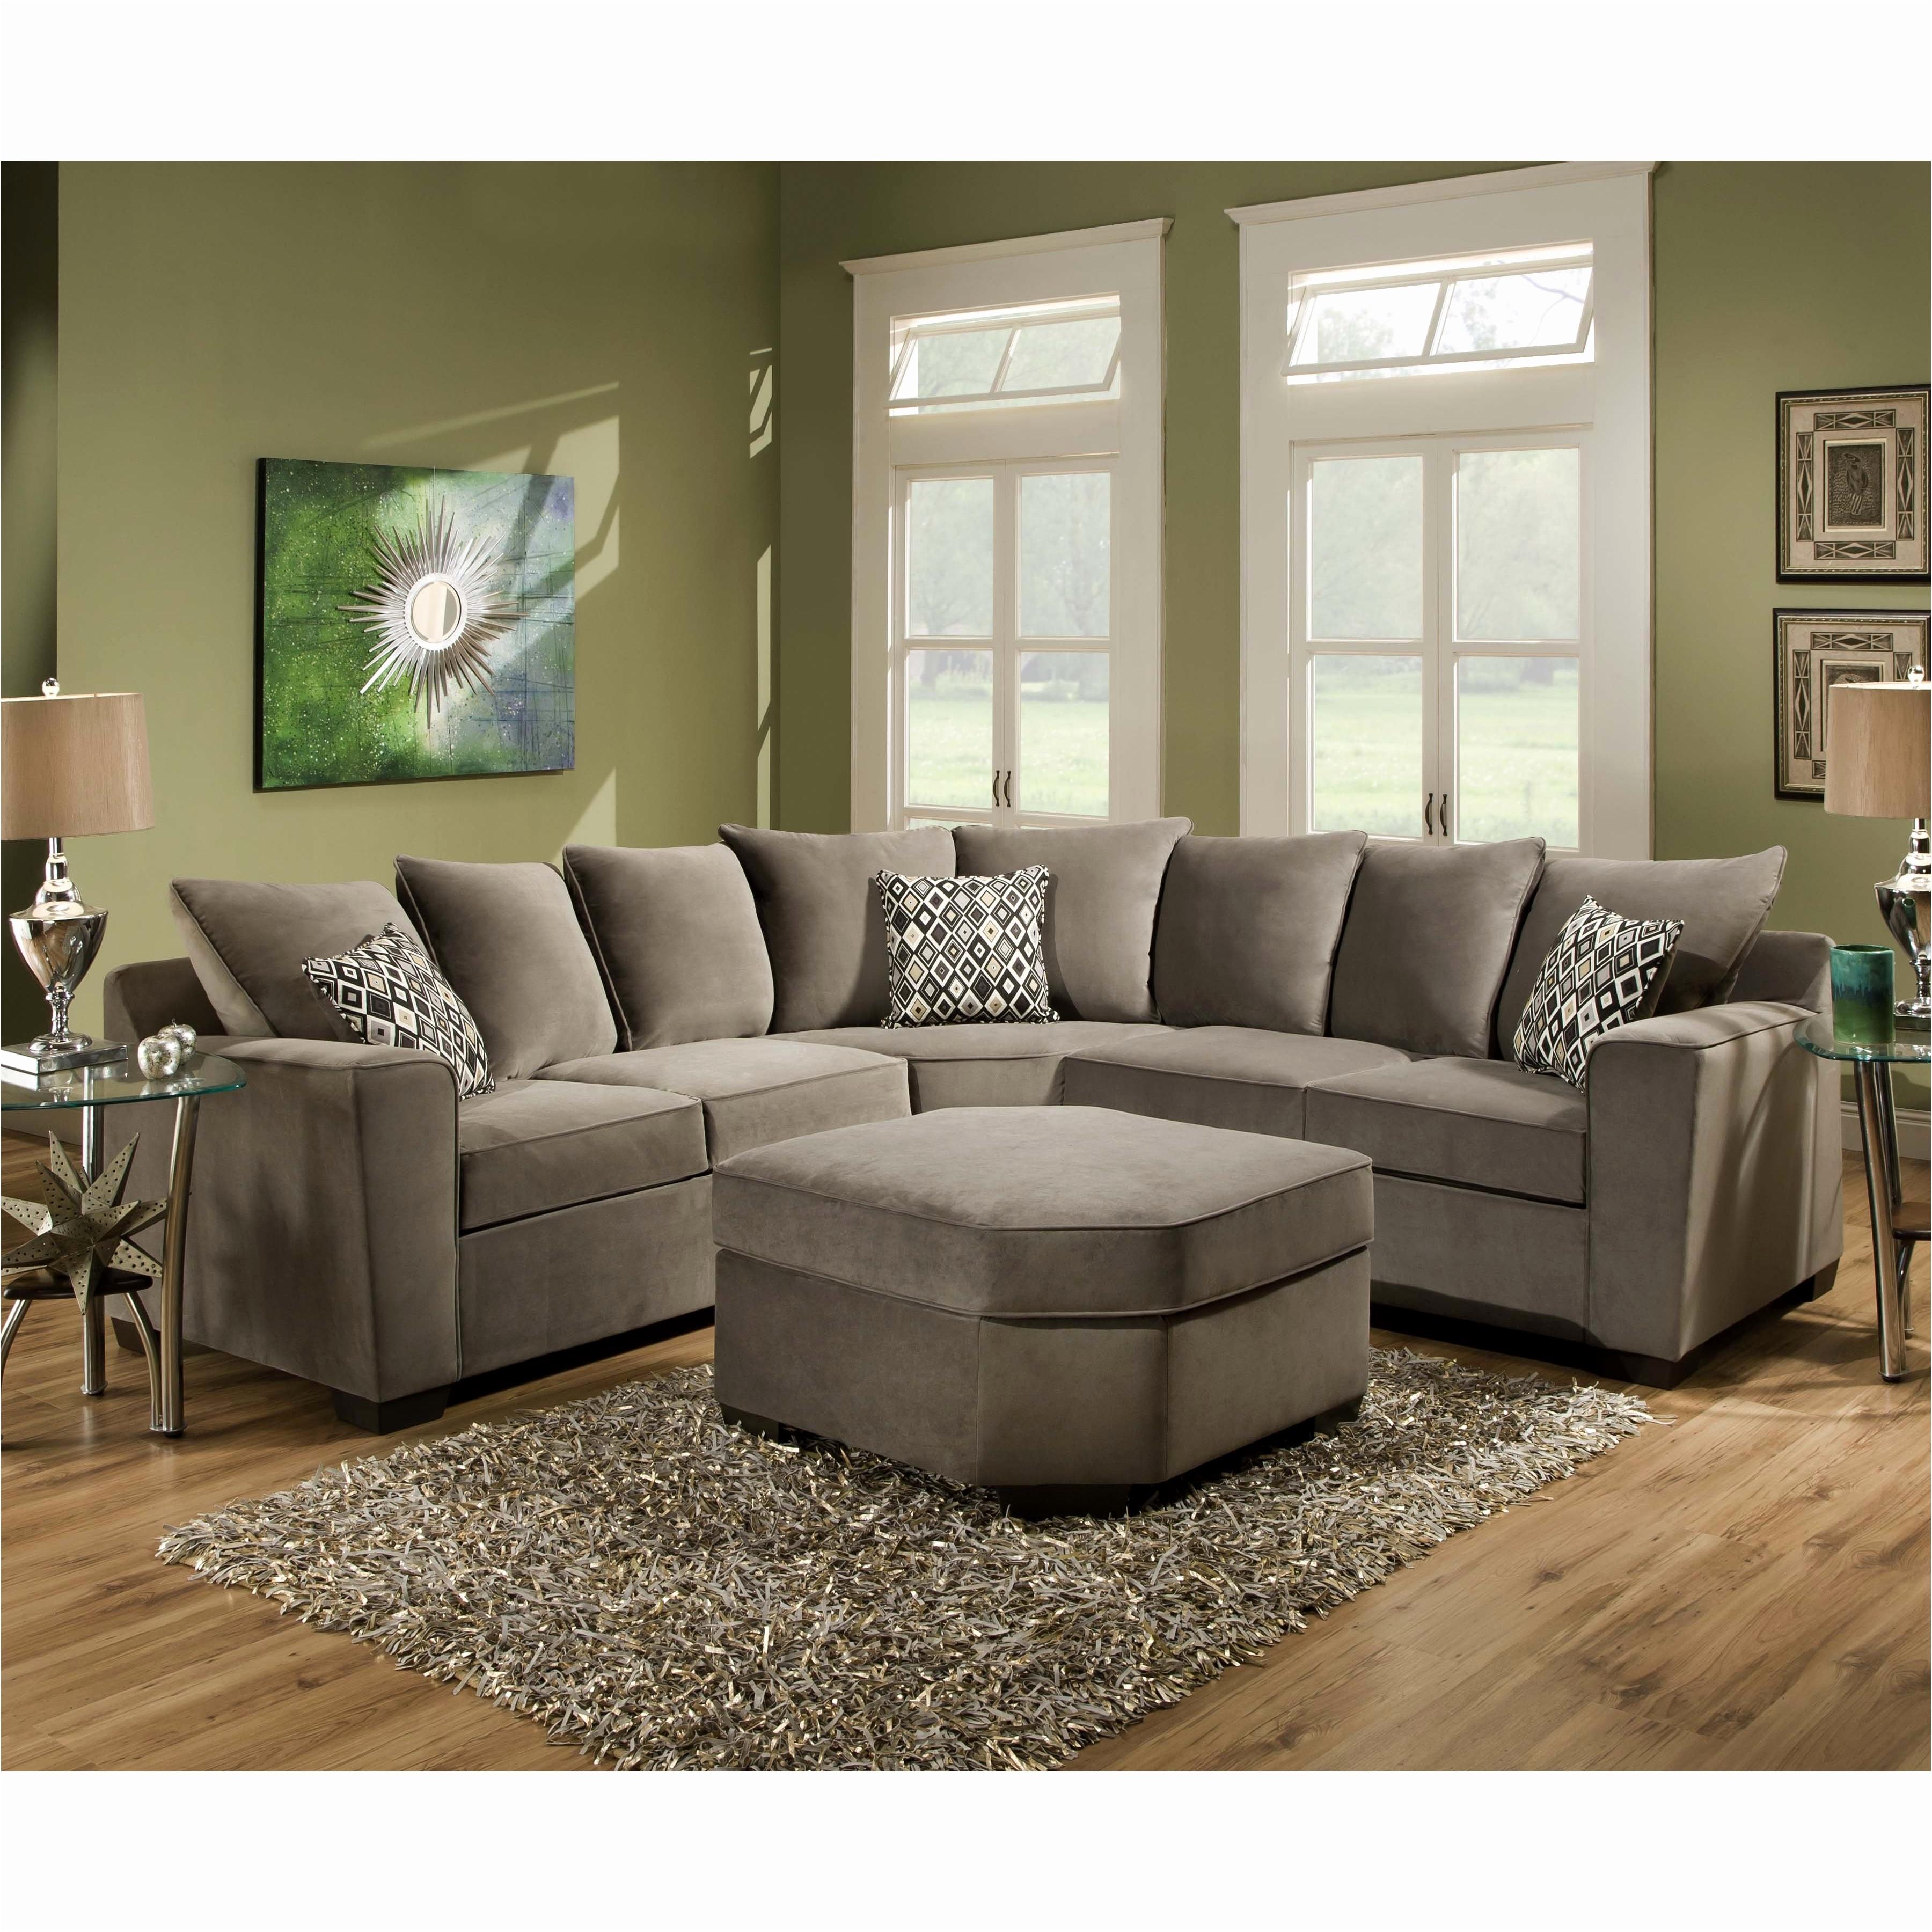 Newest Unique Corner Sectional Lshape Sofa Des Moines Iowa Natuzzijm For Des Moines Ia Sectional Sofas (View 13 of 20)